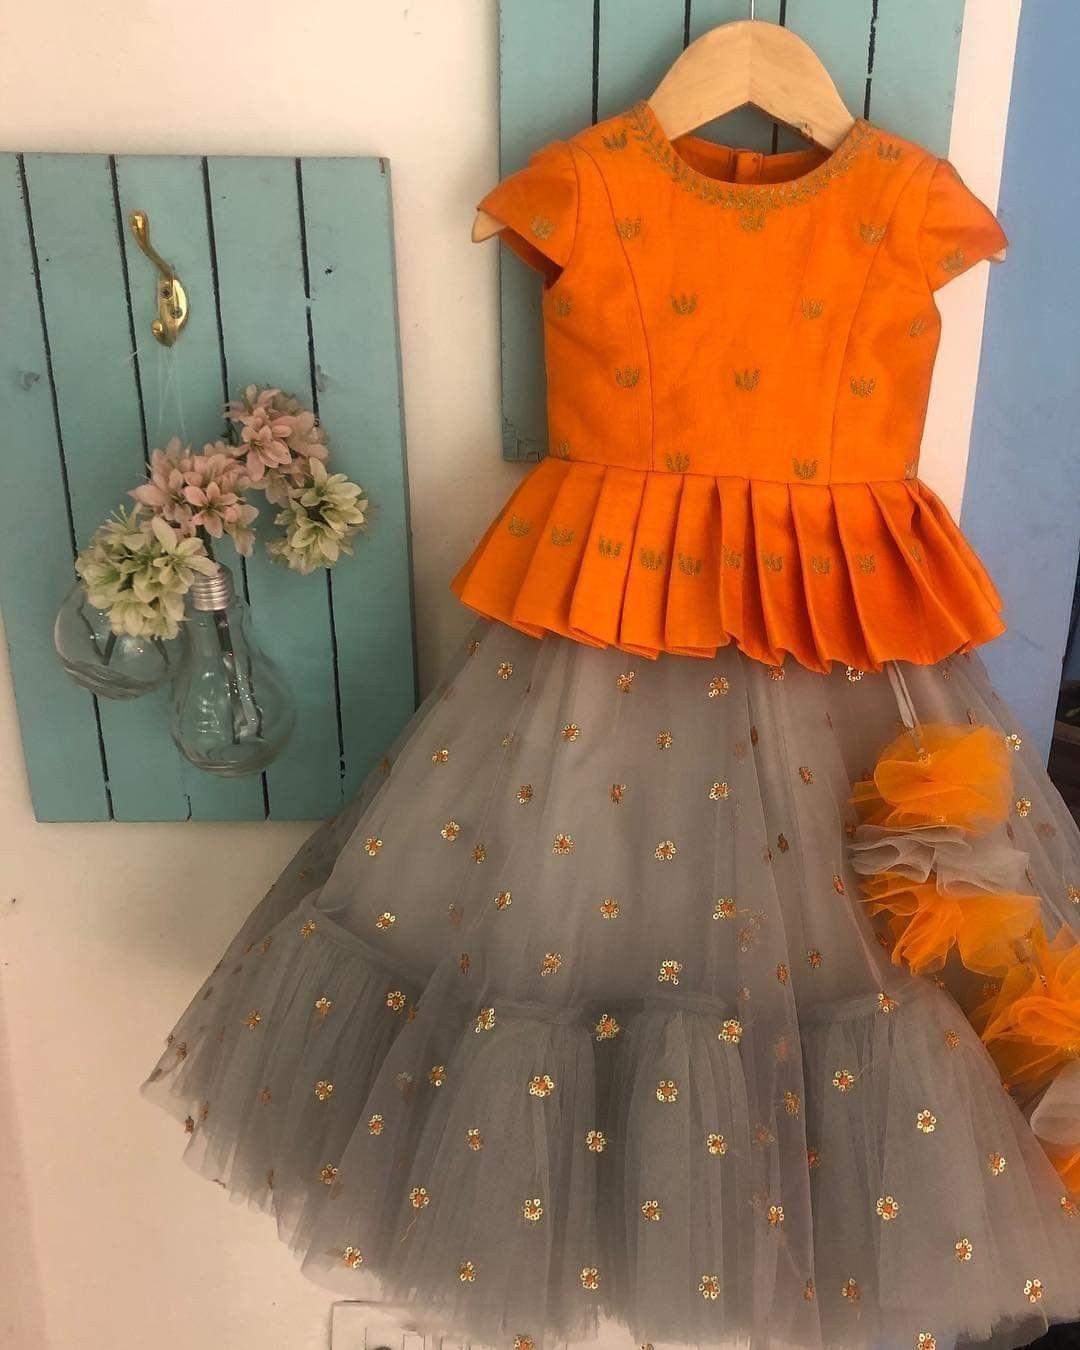 No Orange Clothes Day 2019